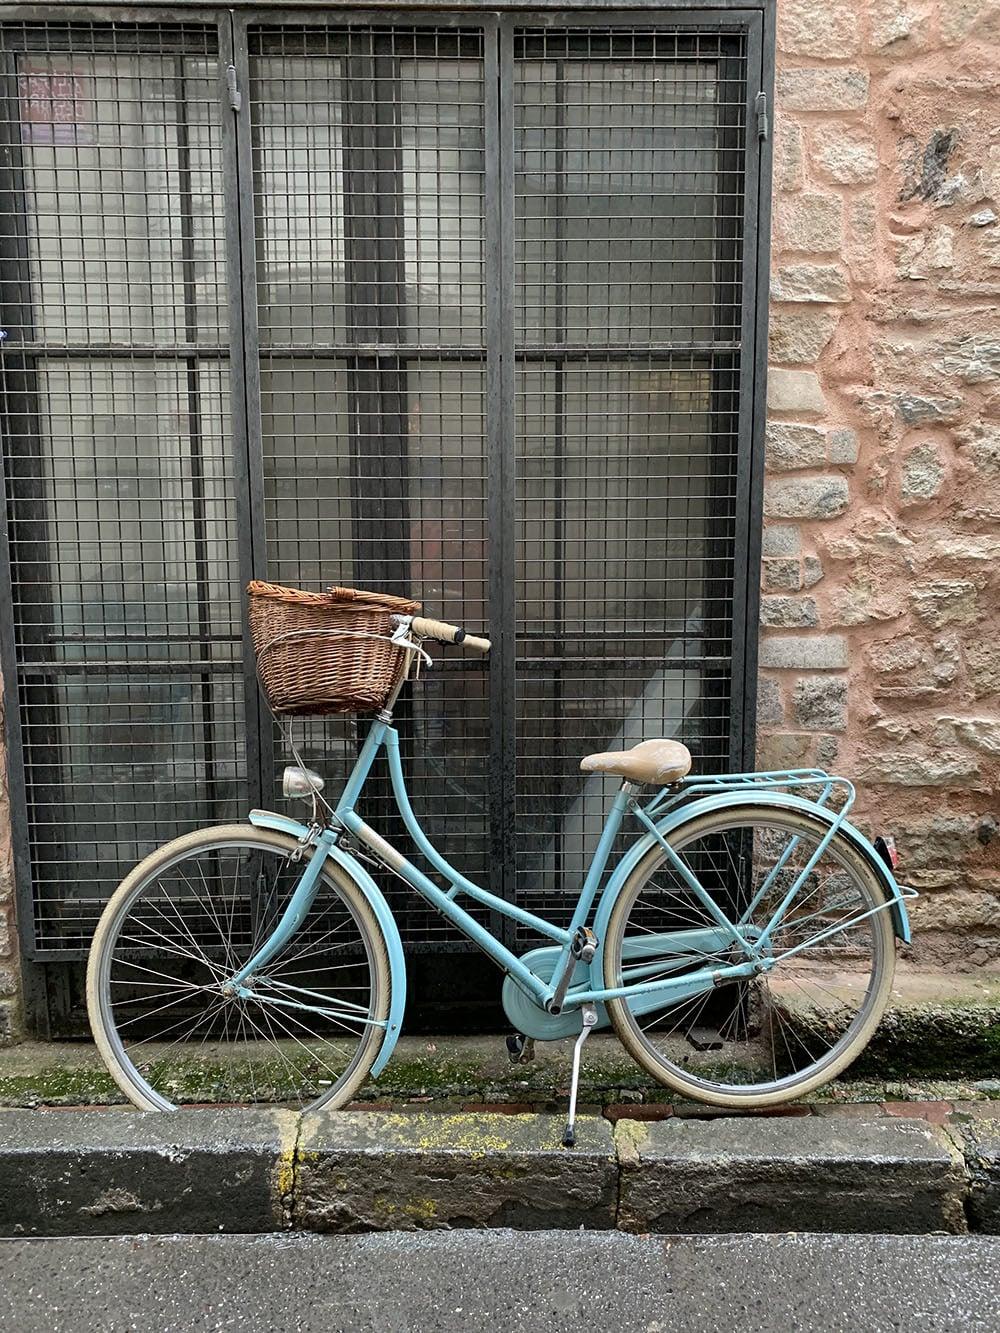 A bicycle in Kemankeş Karamustafa Paşa Mahallesi in Karaköy.